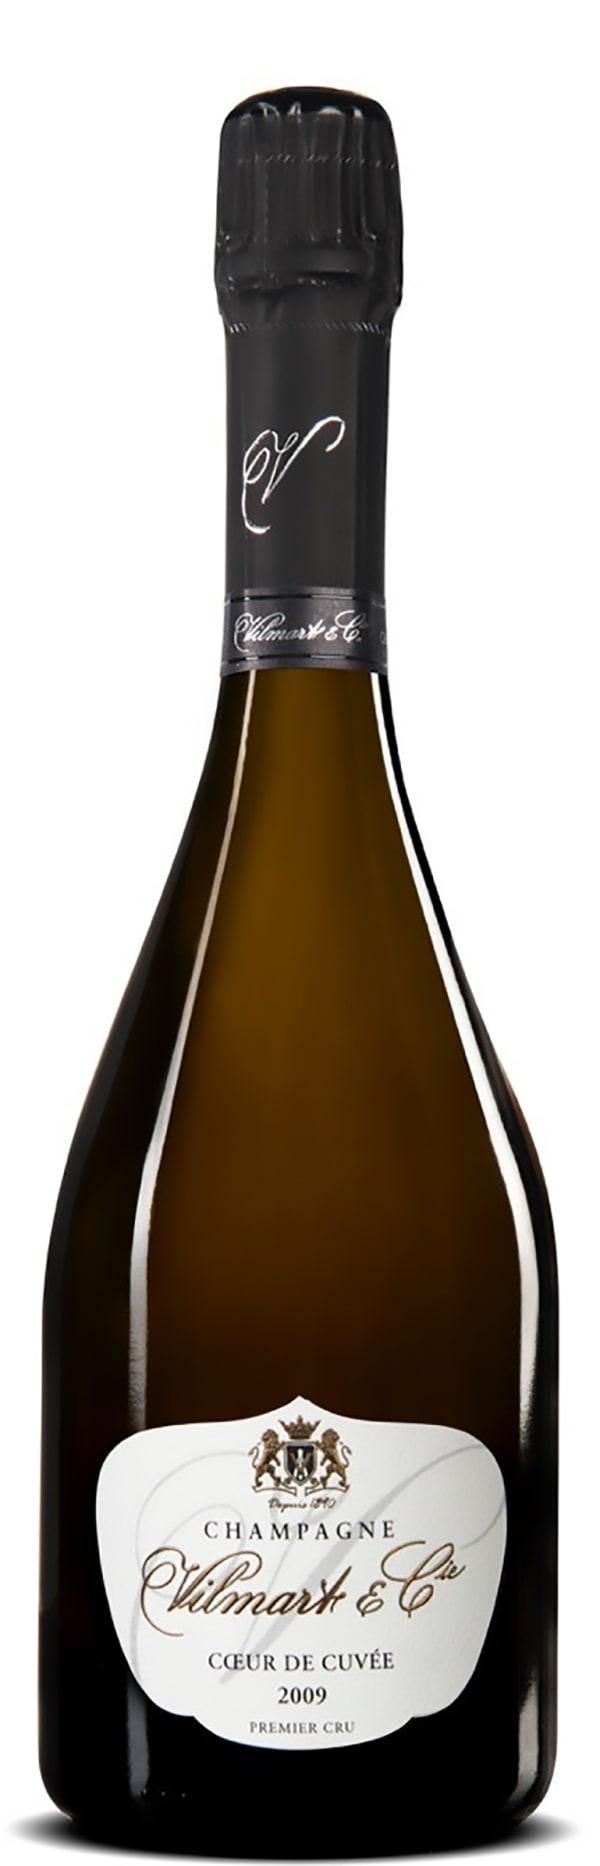 Vilmart & Cie Coeur de Cuvée Premier Cru Champagne Brut 2009